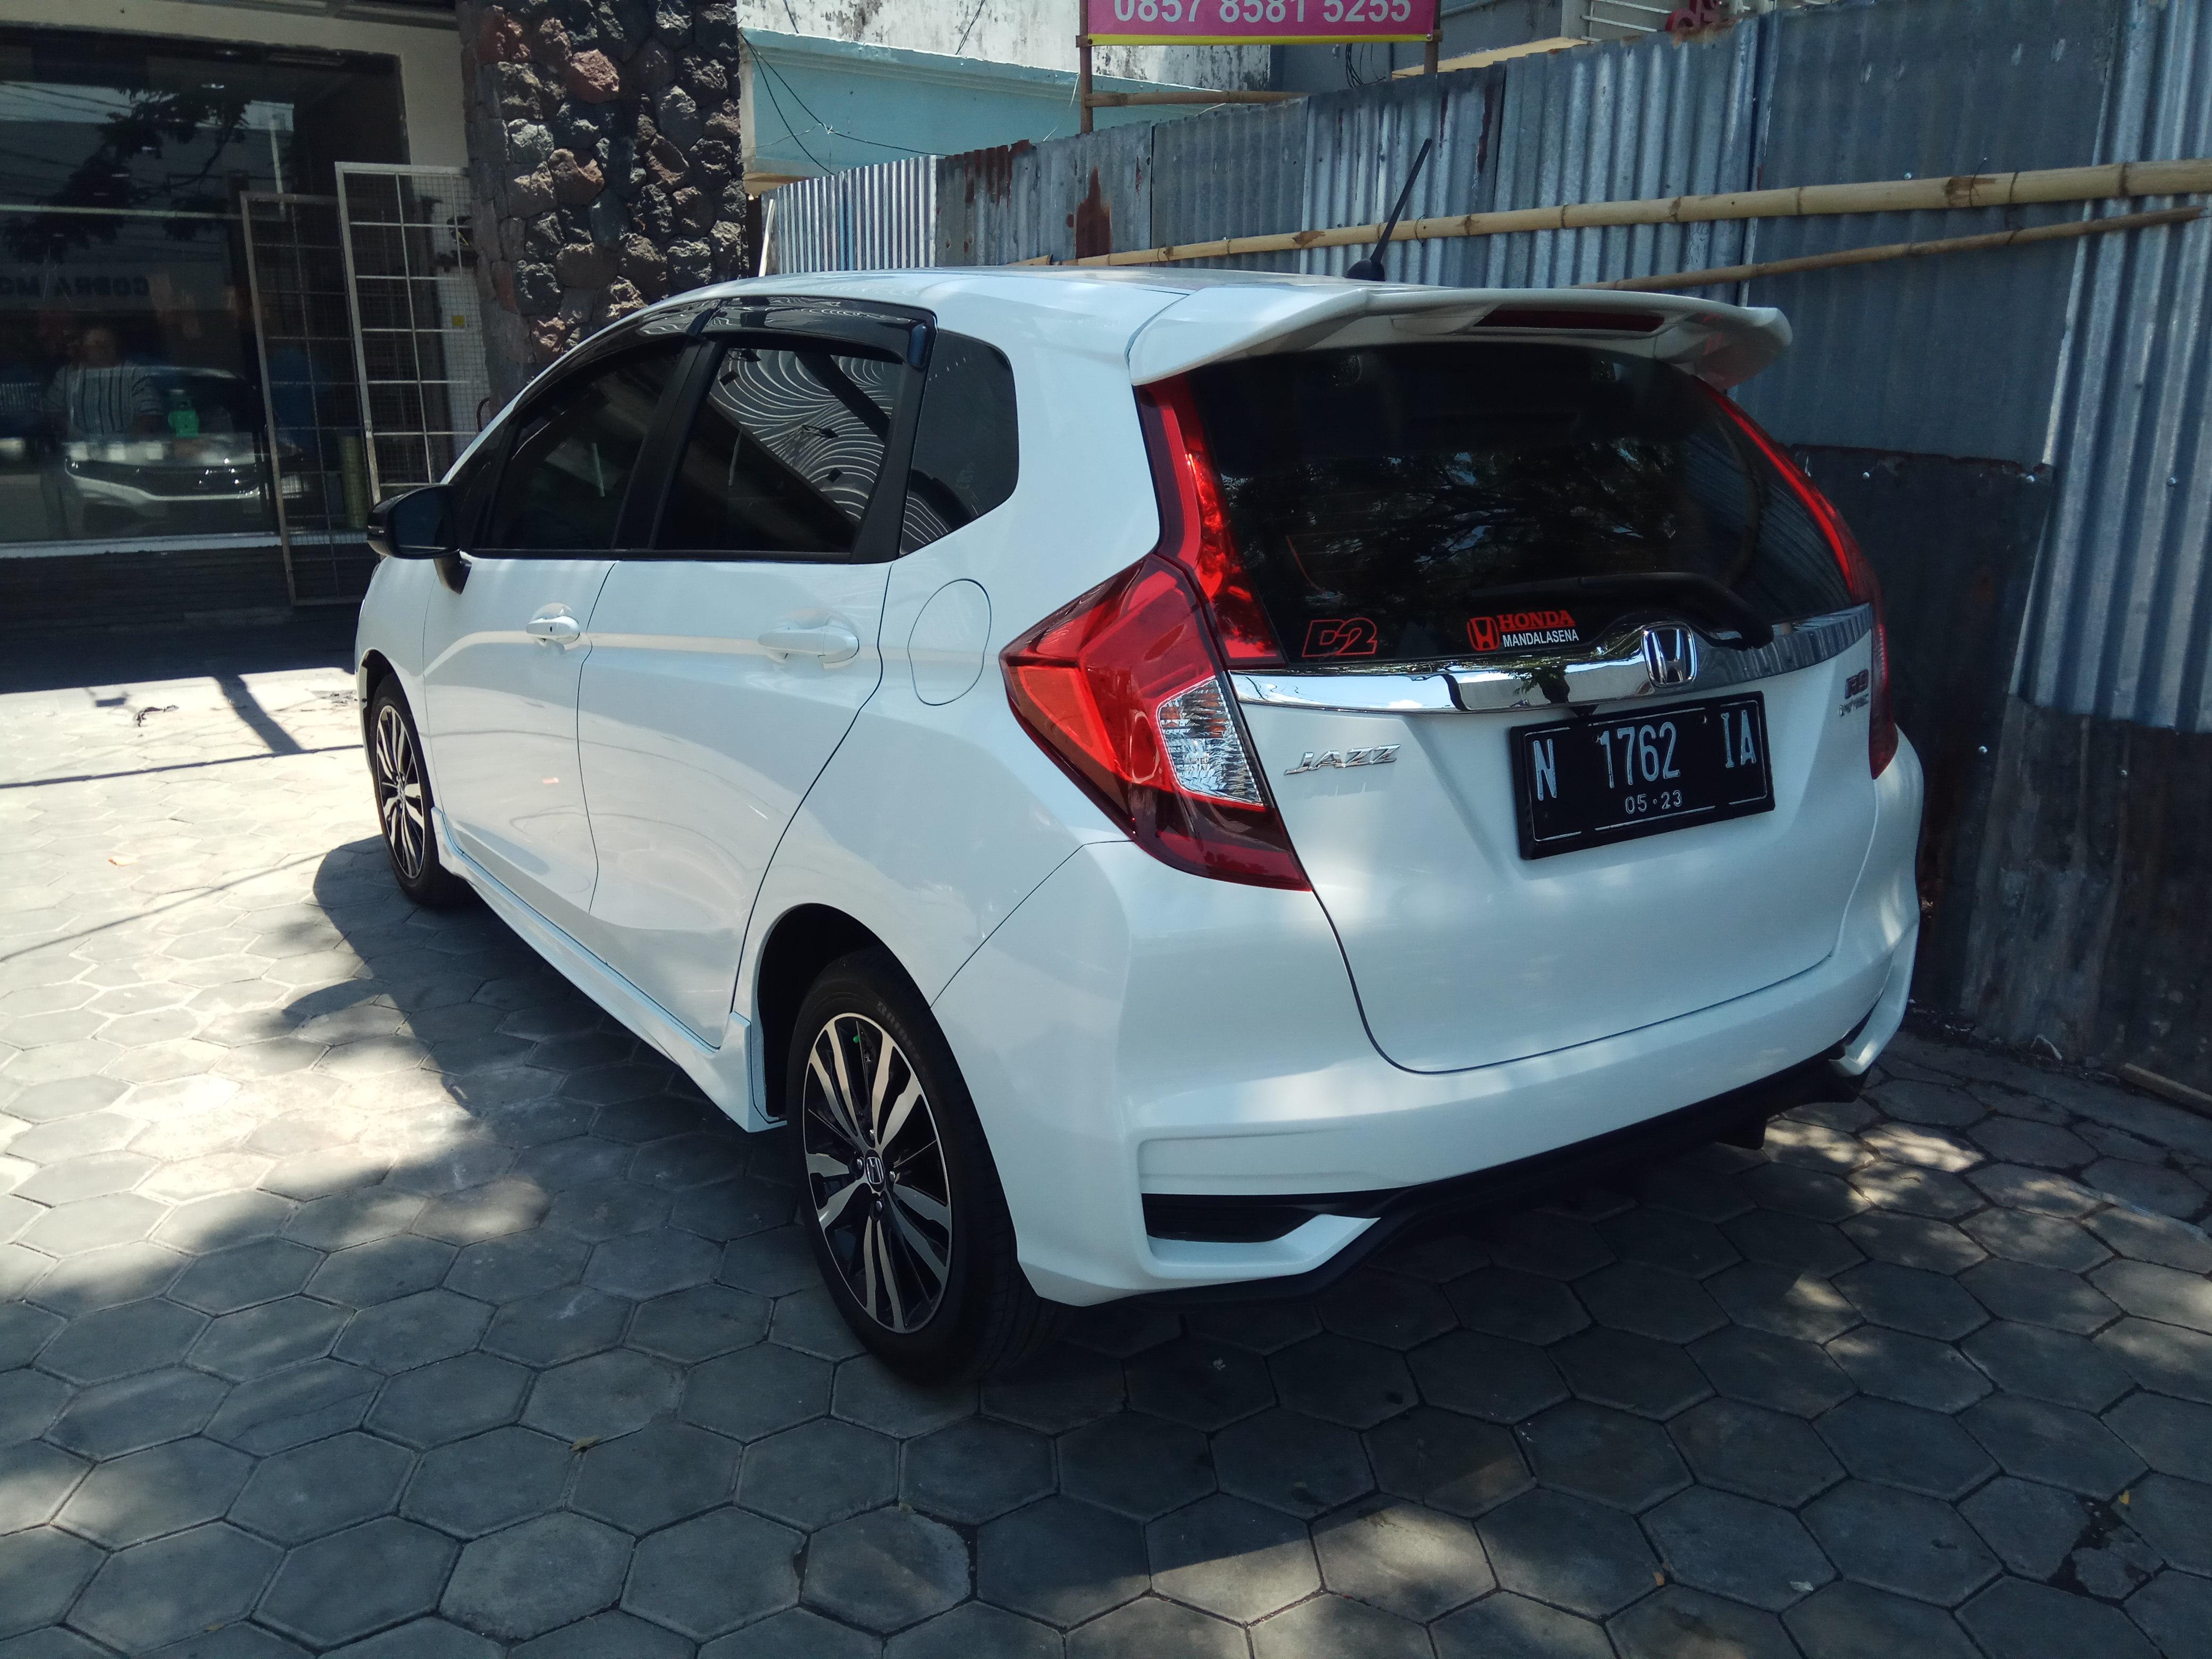 Kelebihan Kekurangan Honda Jazz Rs Bekas Murah Berkualitas